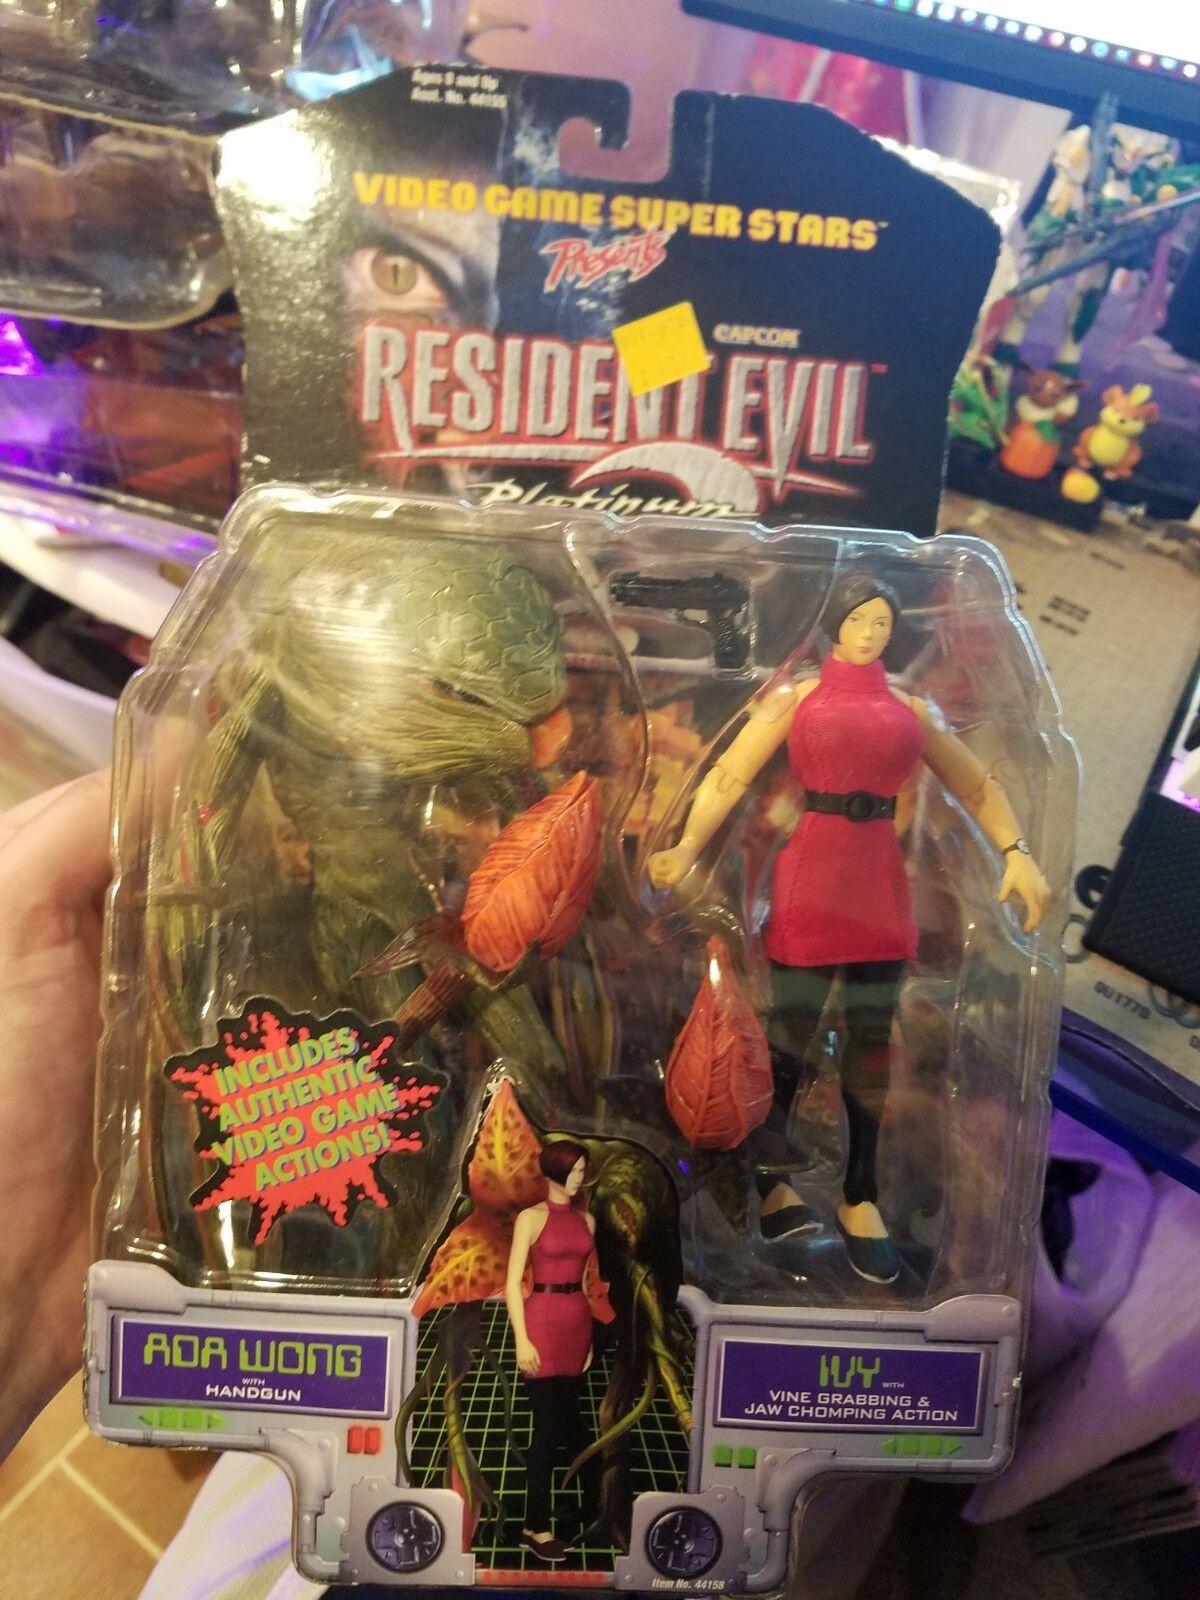 Resident evil 2 ada wong und ivy actionfigur versiegelt ungeöffnete capcom toybiz